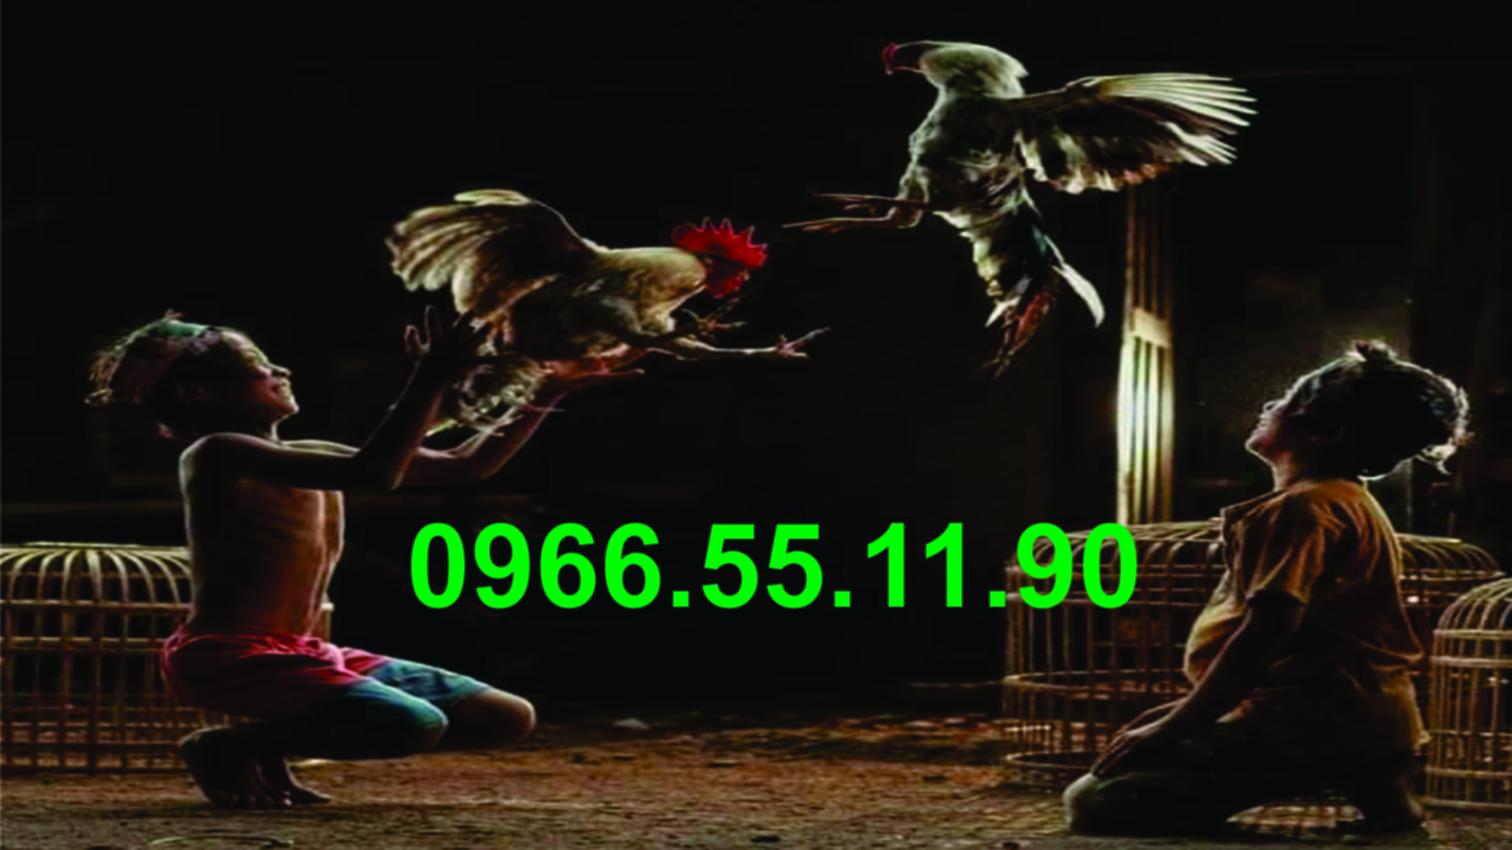 Cặp Gà Que Mặt Lọ - Khét C1 A/e LH : 0966.55.11.90